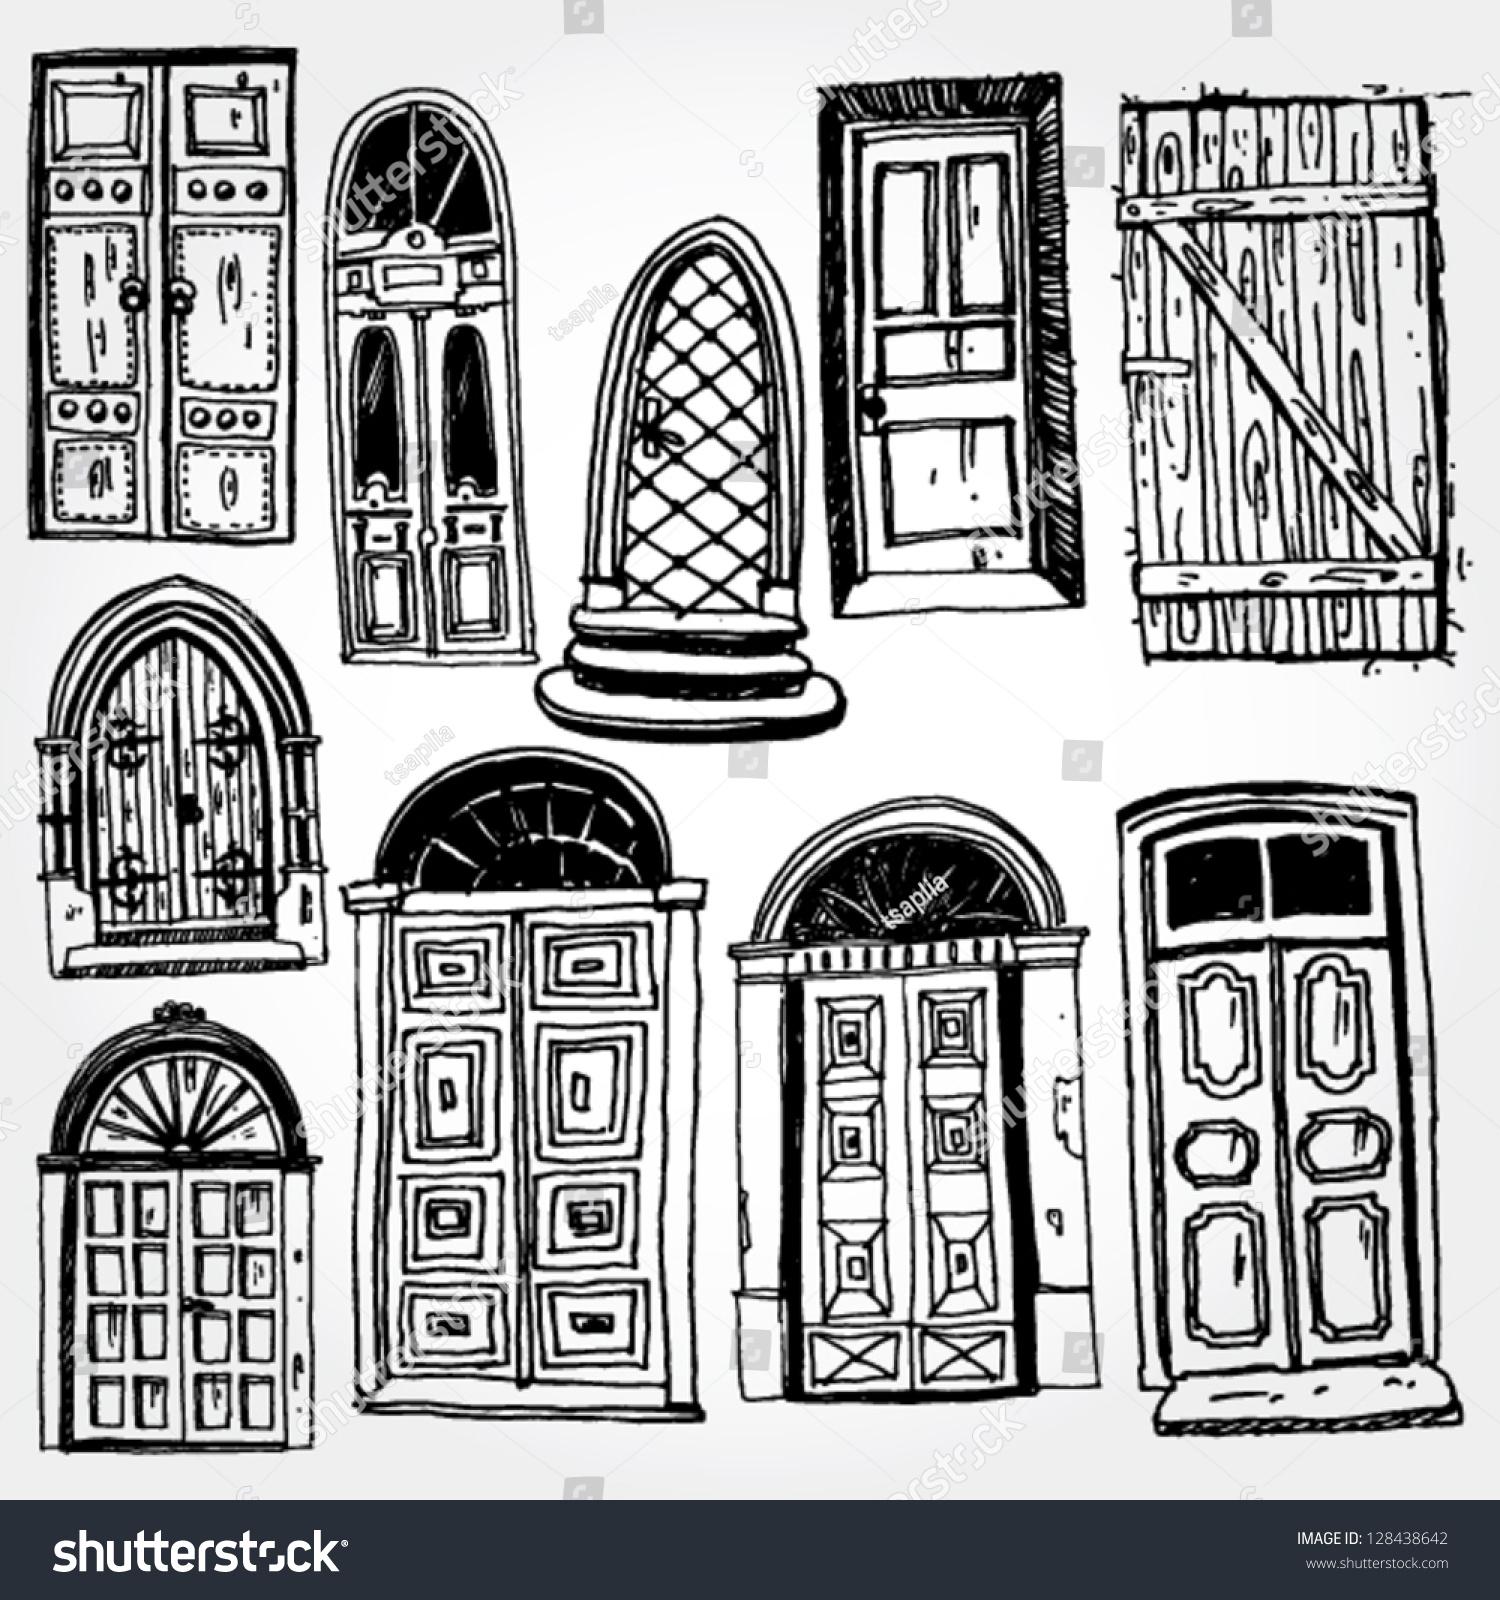 old door clipart - photo #4